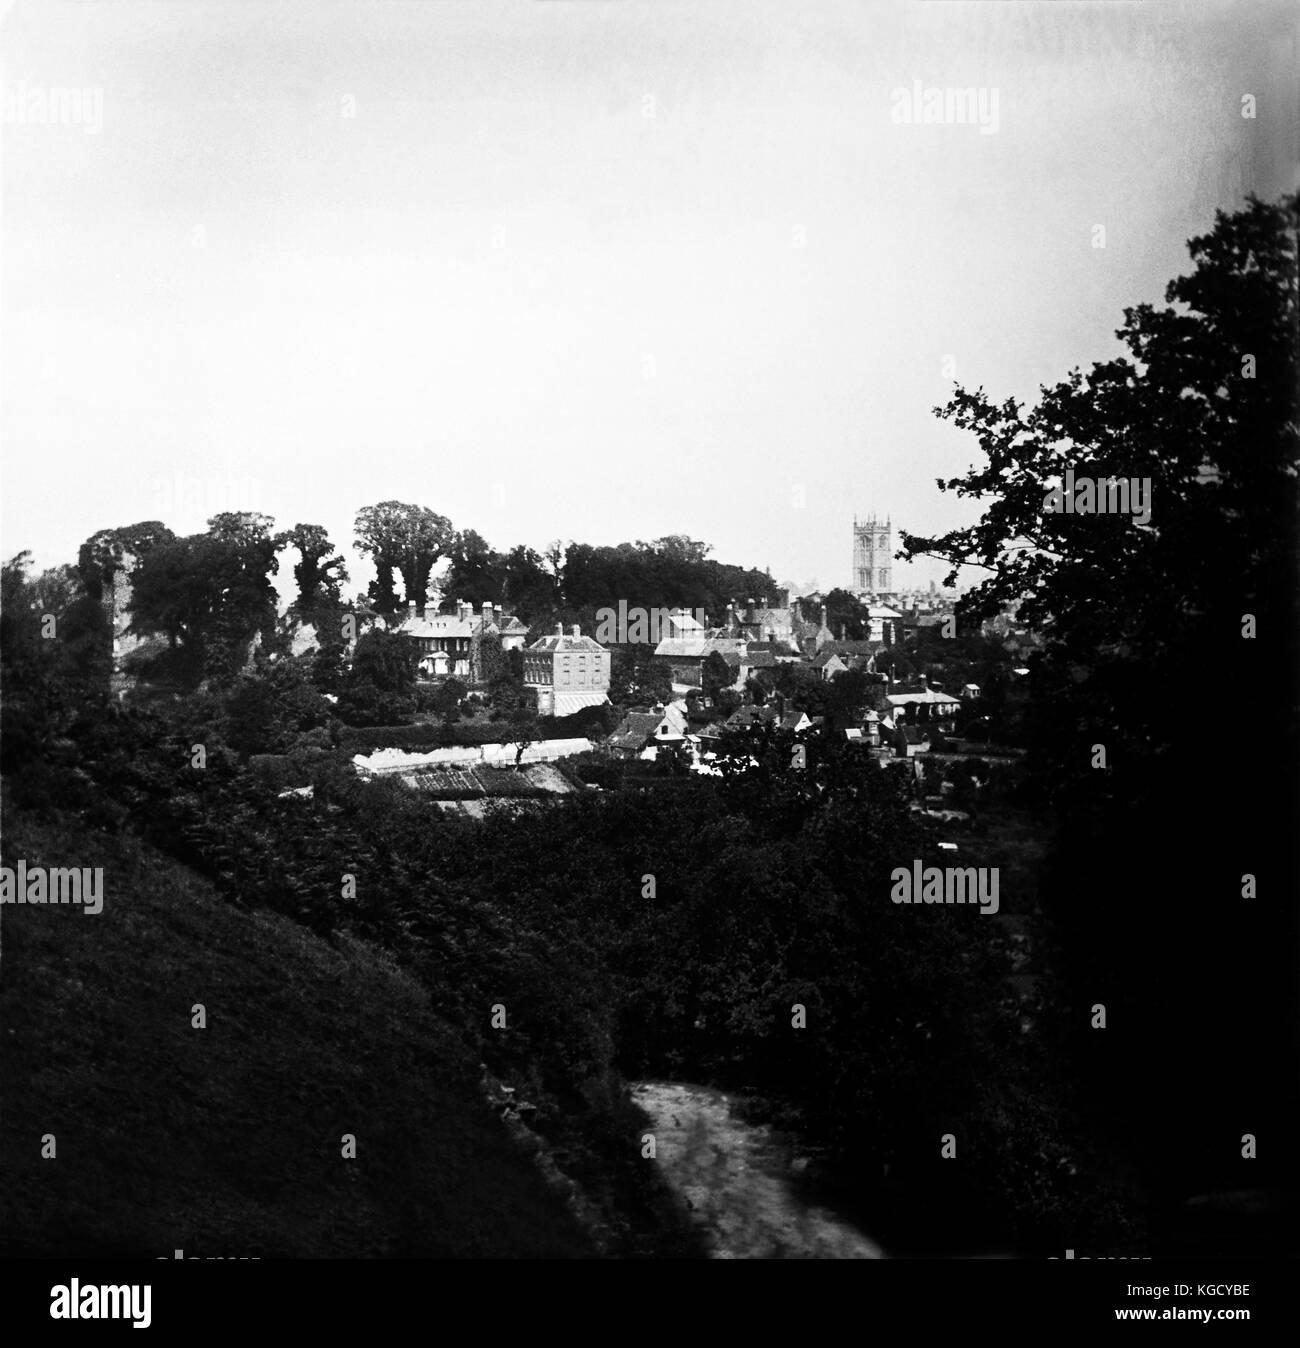 Shropshire immagini storiche nel Regno Unito, le fotografie da un altro secolo. Storica persa scenic in 1900 Immagini Stock